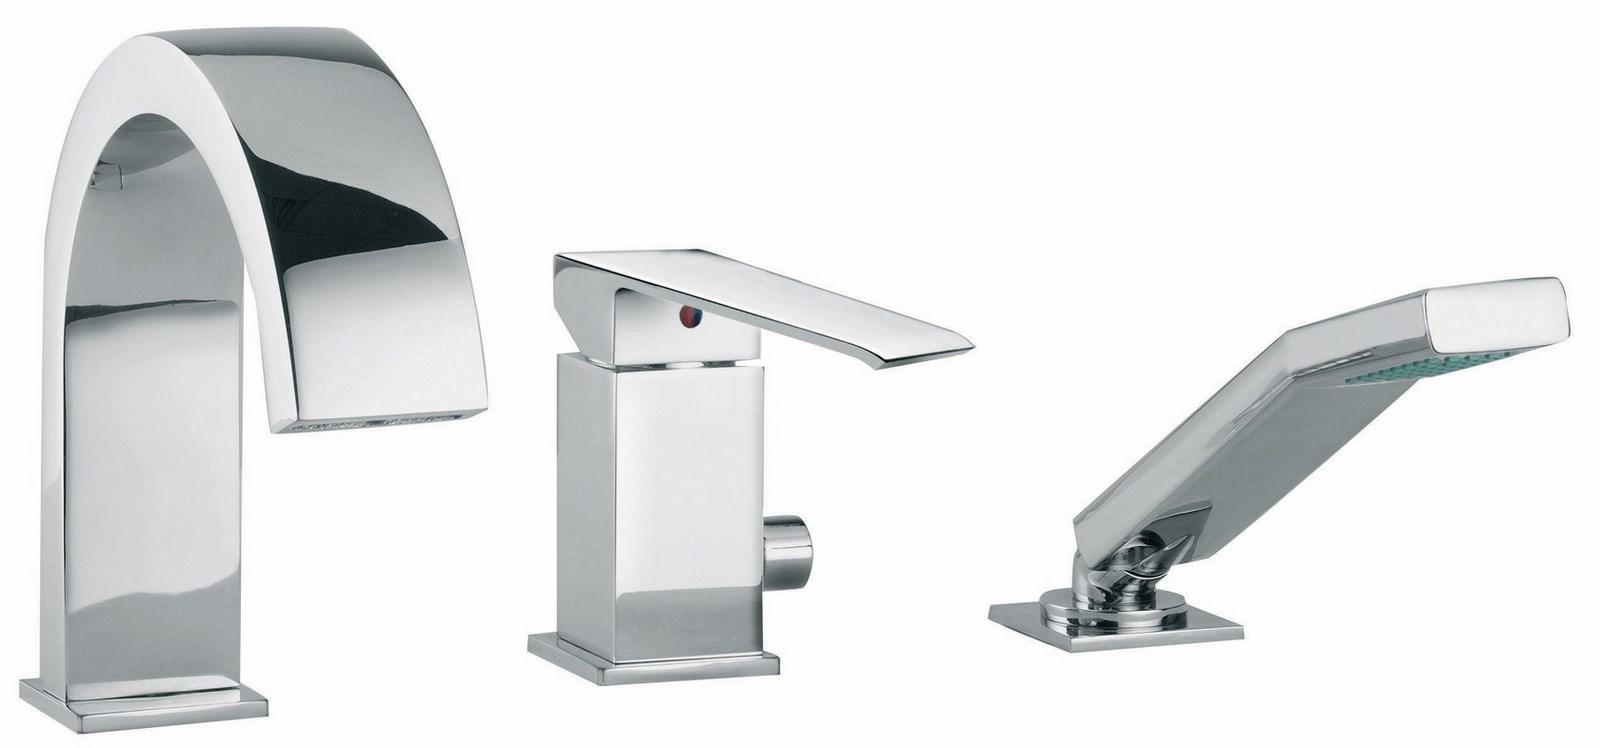 sanitaire distribution robinet salle de bain robinetterie de lavabo 1 trou tritoo maison et jardin. Black Bedroom Furniture Sets. Home Design Ideas